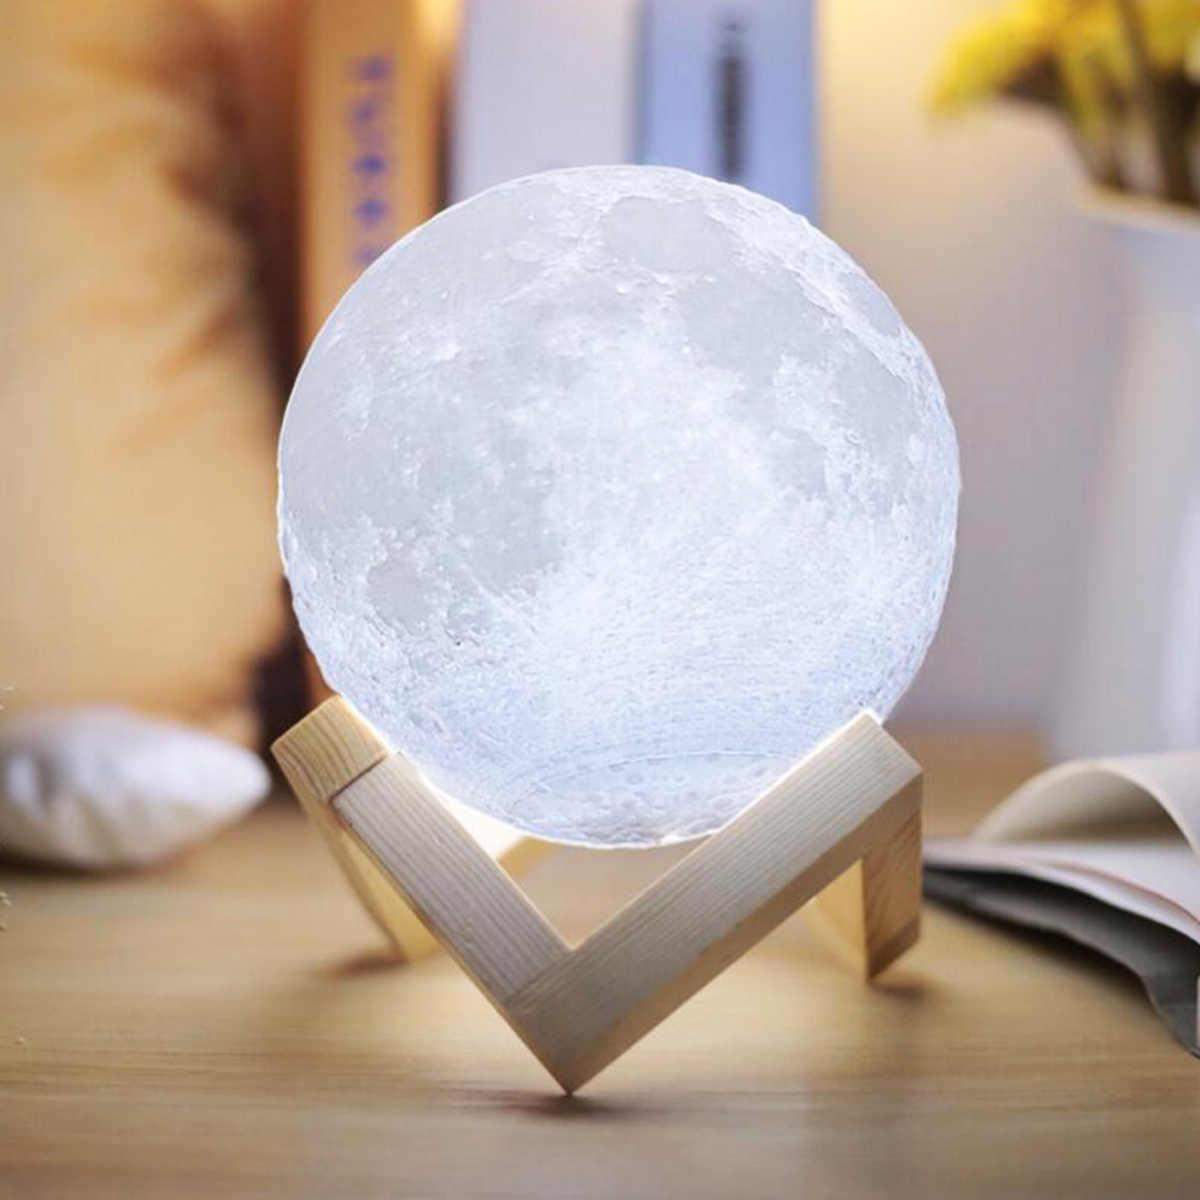 Nowy lampa wydruk 3d księżyc USB akumulator 2 kolorowe sterowanie dotykowe nietypowe oświetlenie regulowana lampa księżycowa Home Decoration